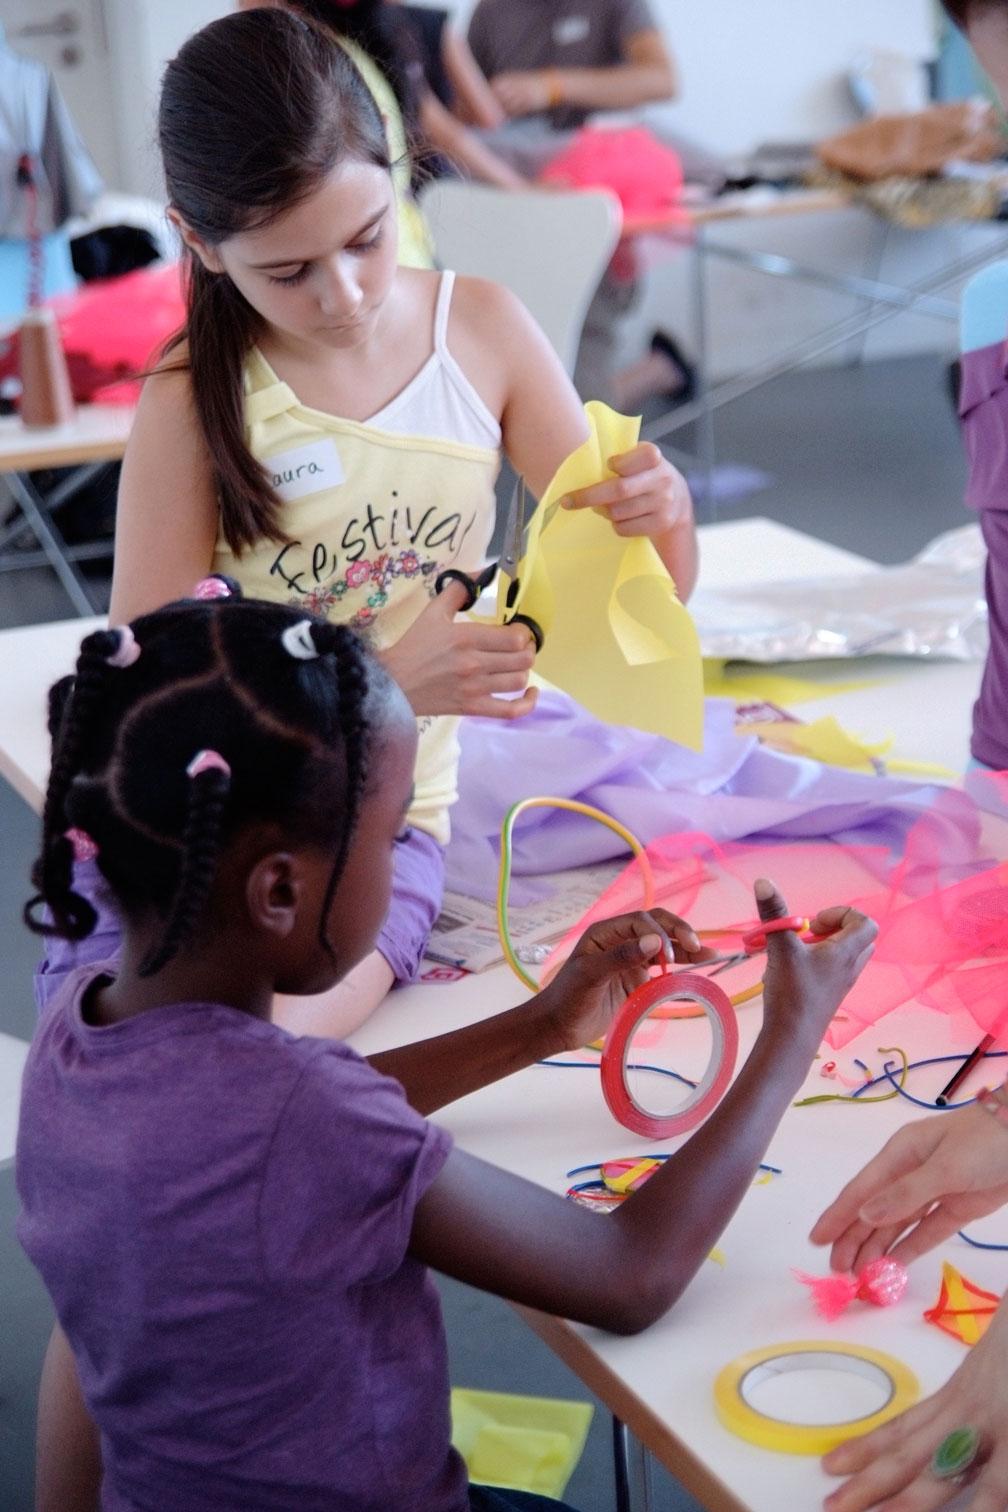 gerrit_schweiger-Rummel-2030-Zukunft-Kinder-Kreativität-Mode-Workshop-Modenschau-Ausstellung-08